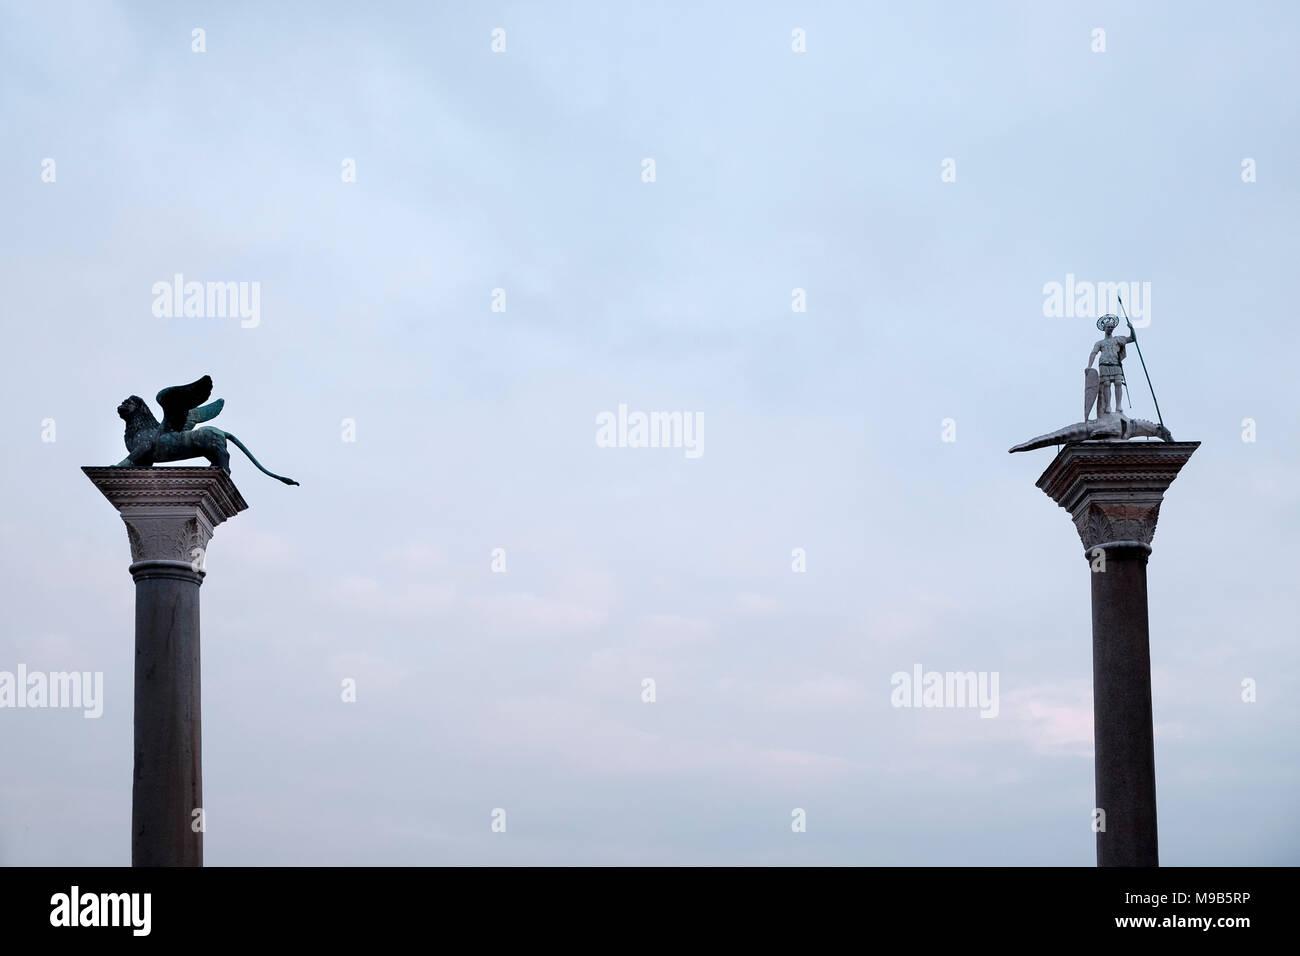 Columna de San Marcos (el león alado) y la columna de San Teodoro, los dos santos patronos de Venecia, situado en la Plaza de San Marcos, reúne la Gran Ca Foto de stock